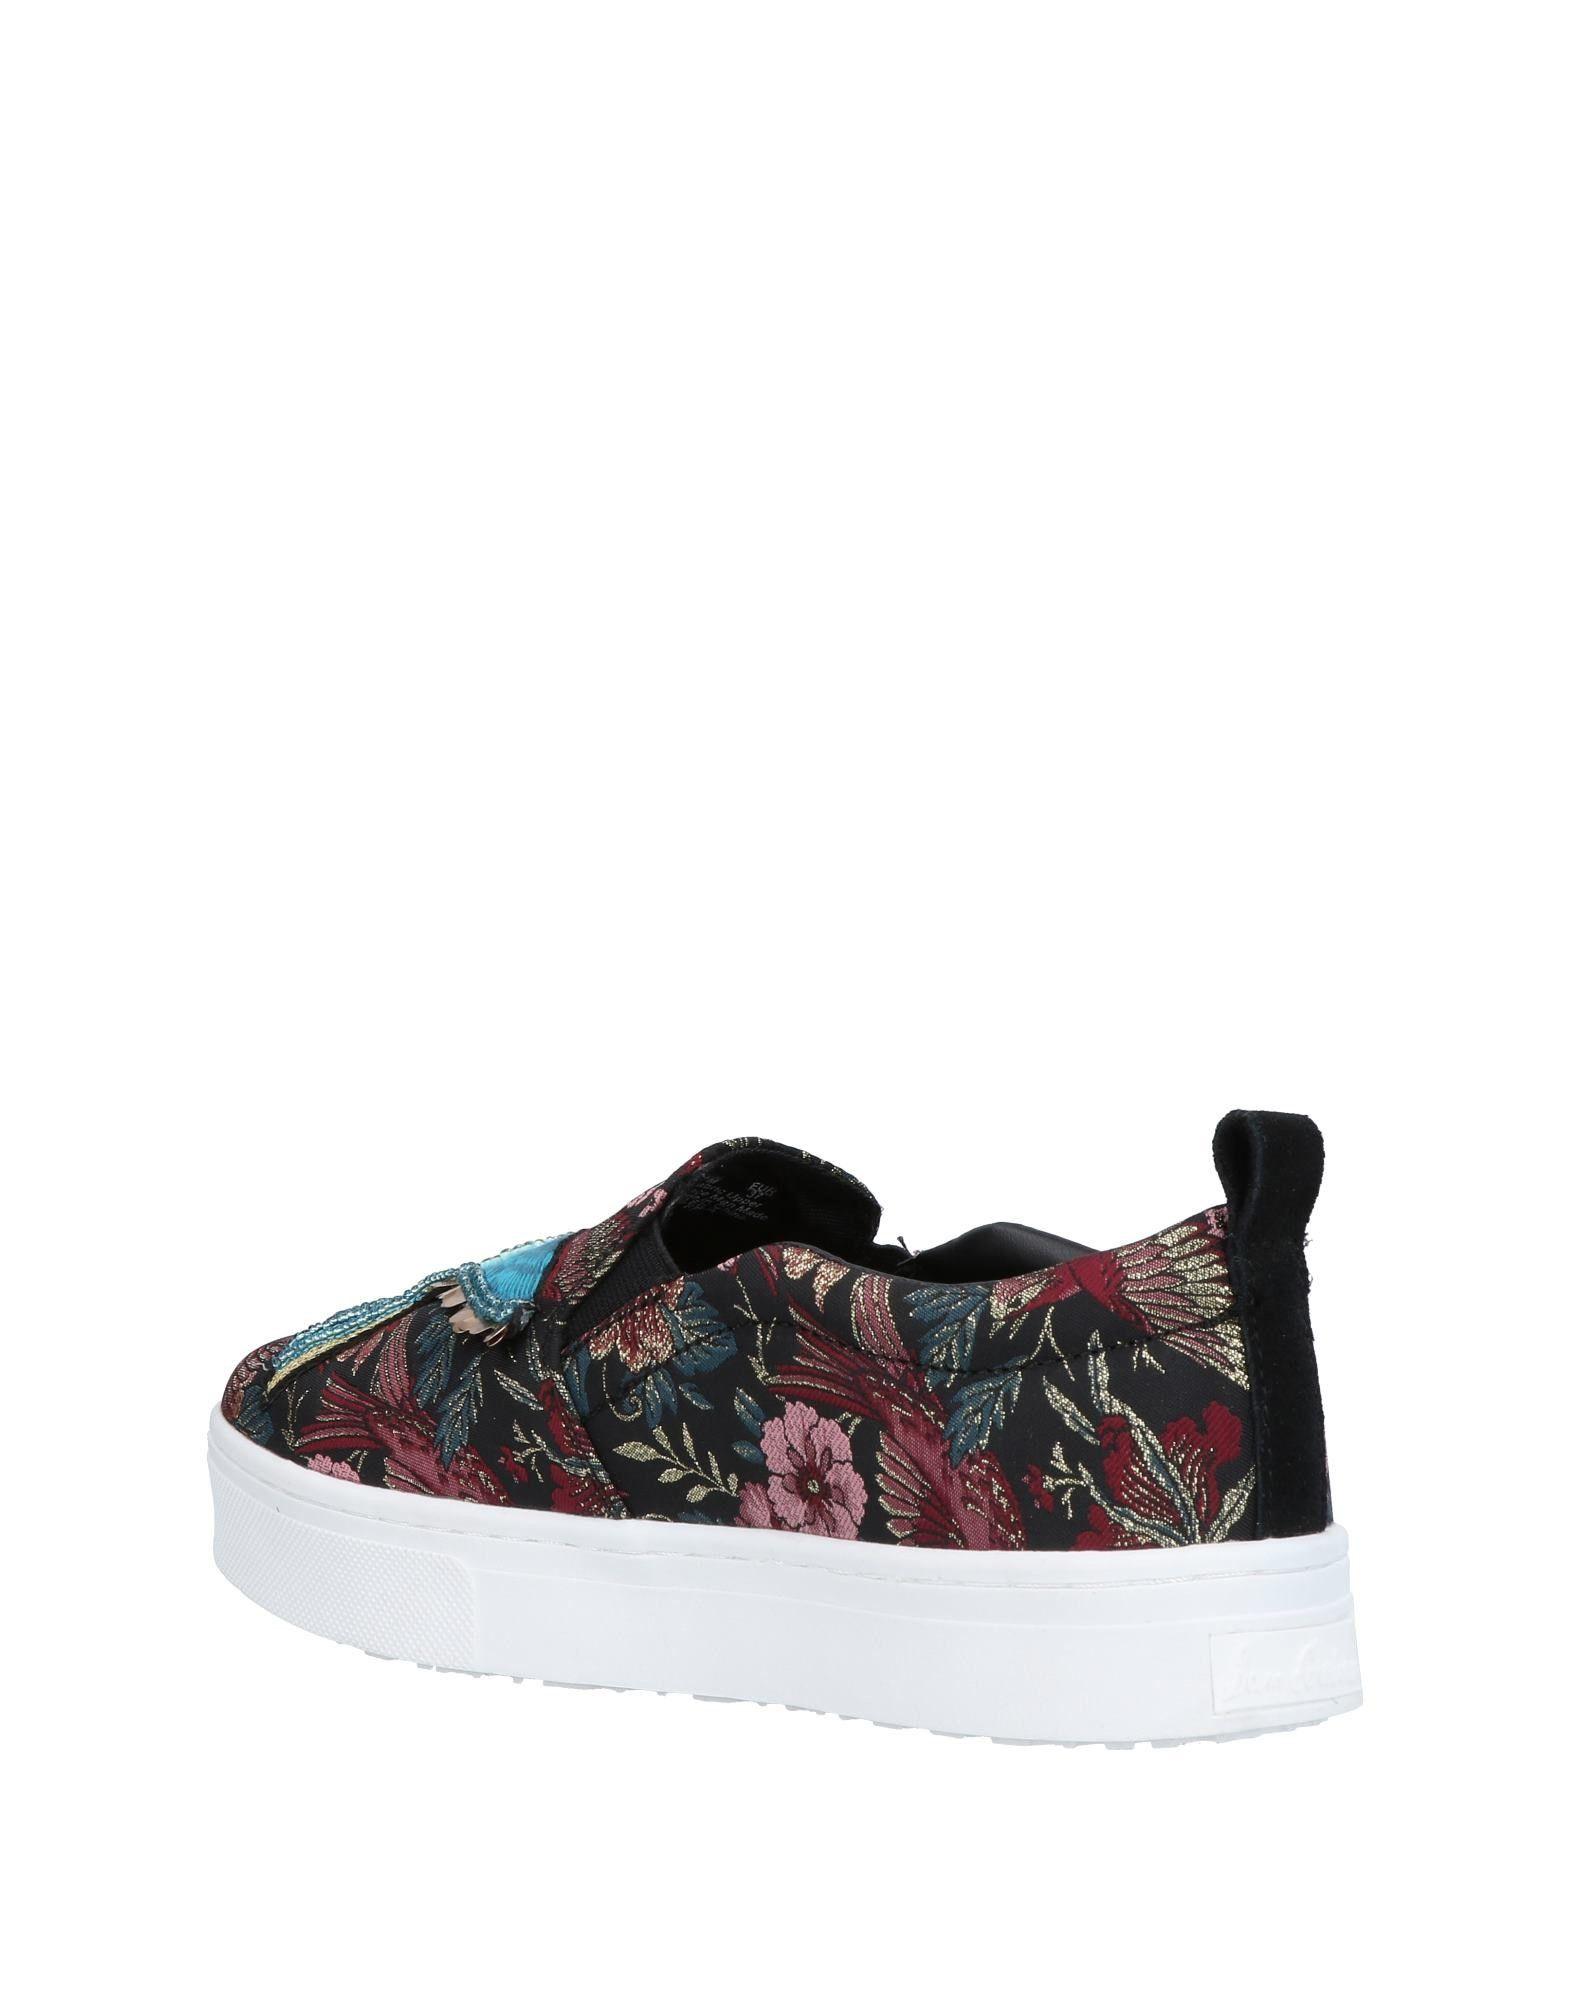 Sam beliebte Edelman Sneakers Damen  11466226WG Gute Qualität beliebte Sam Schuhe b67c21